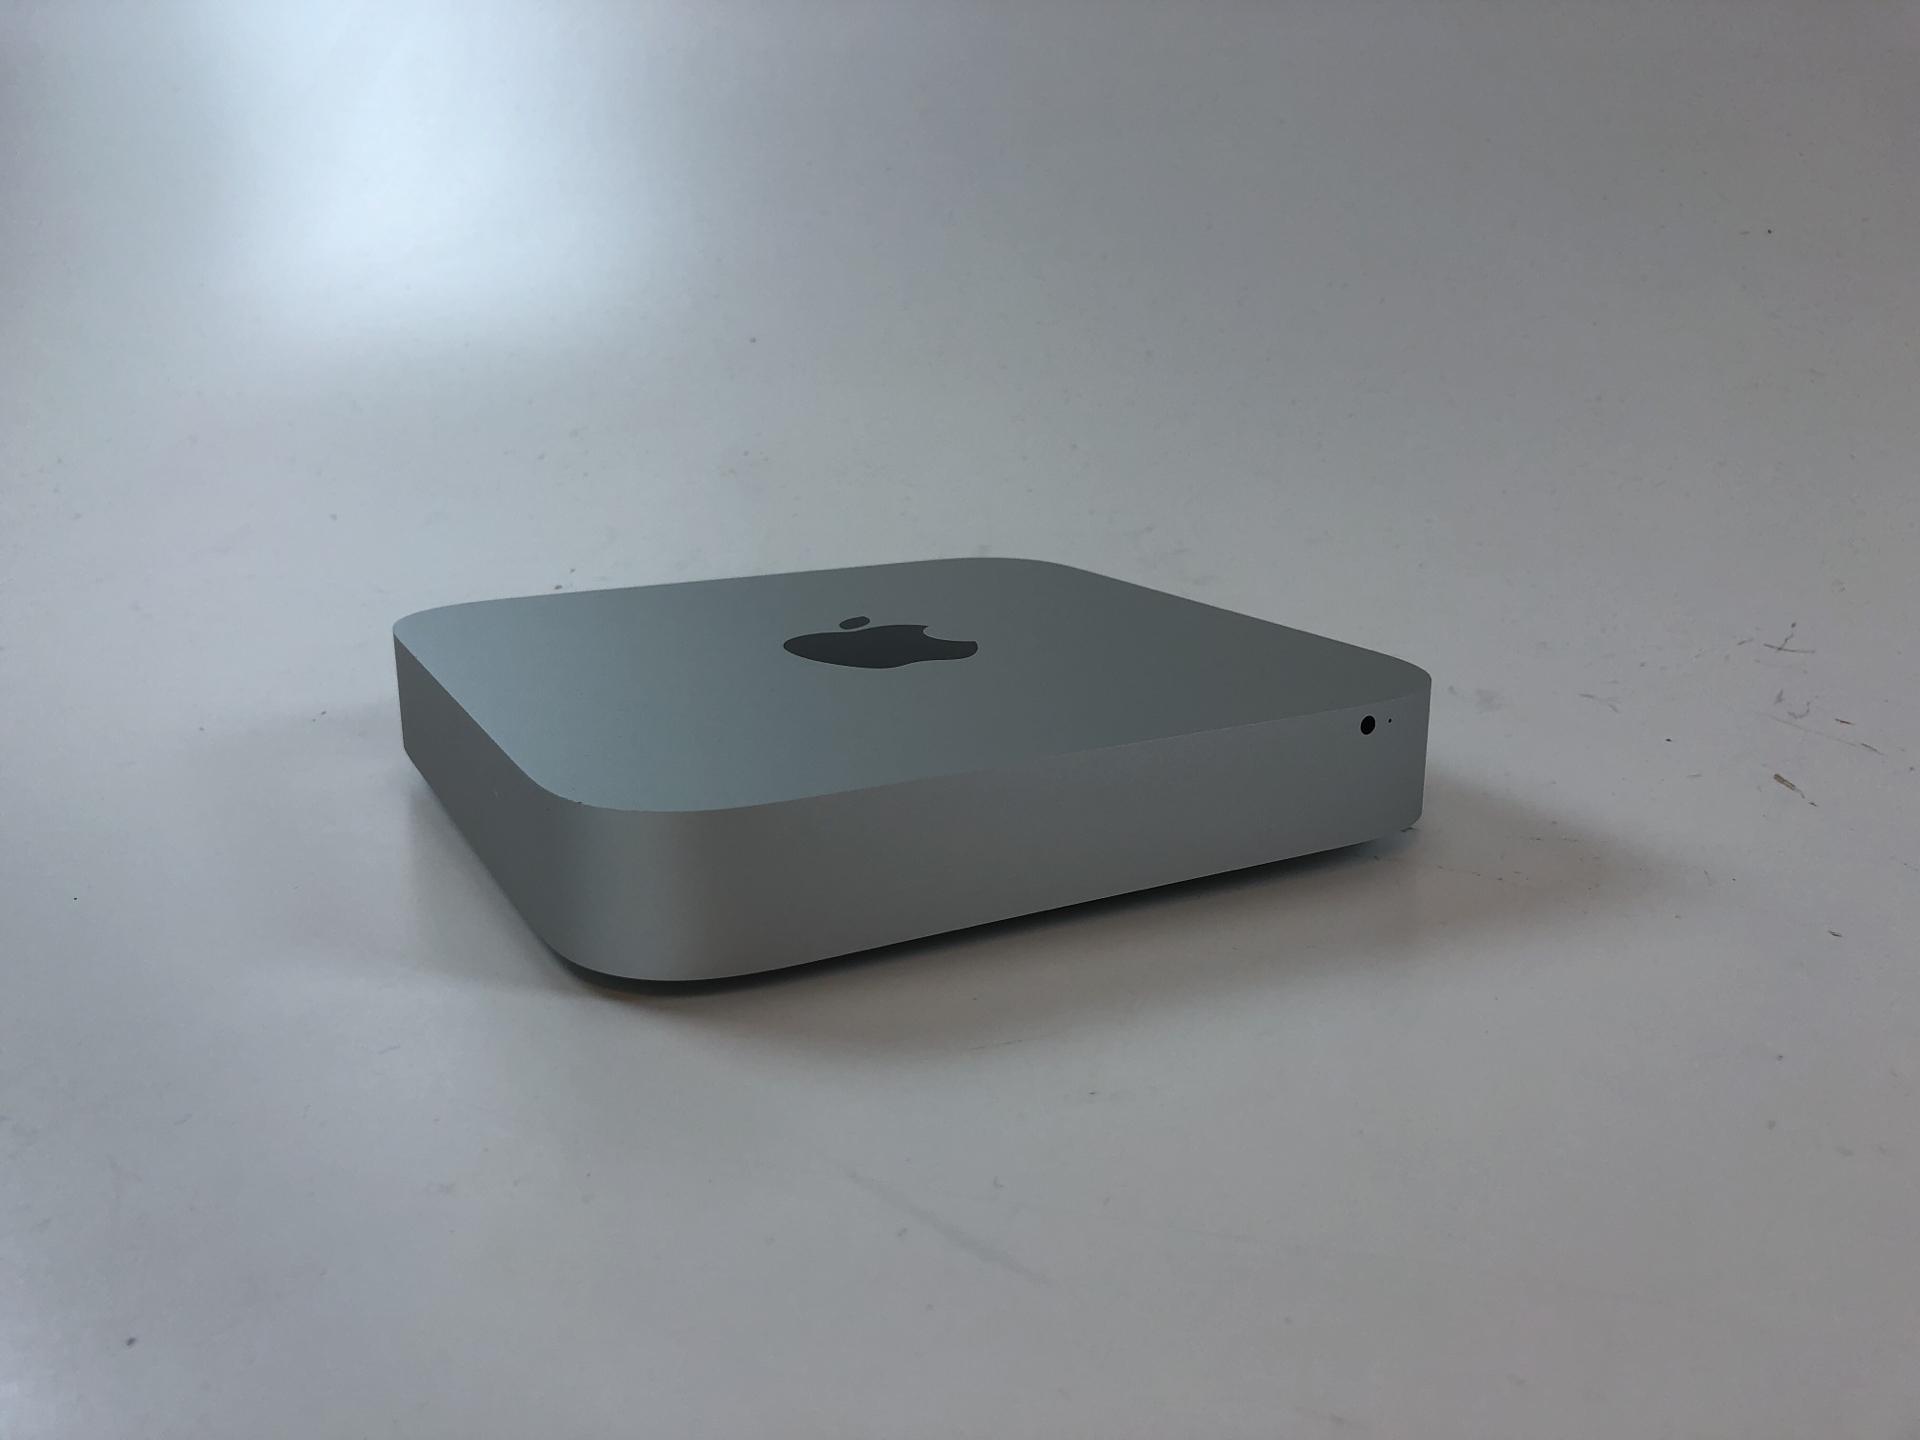 Mac Mini Late 2014 (Intel Core i7 3.0 GHz 16 GB RAM 512 GB SSD), Intel Core i7 3.0 GHz, 16 GB RAM, 512 GB SSD, Kuva 1